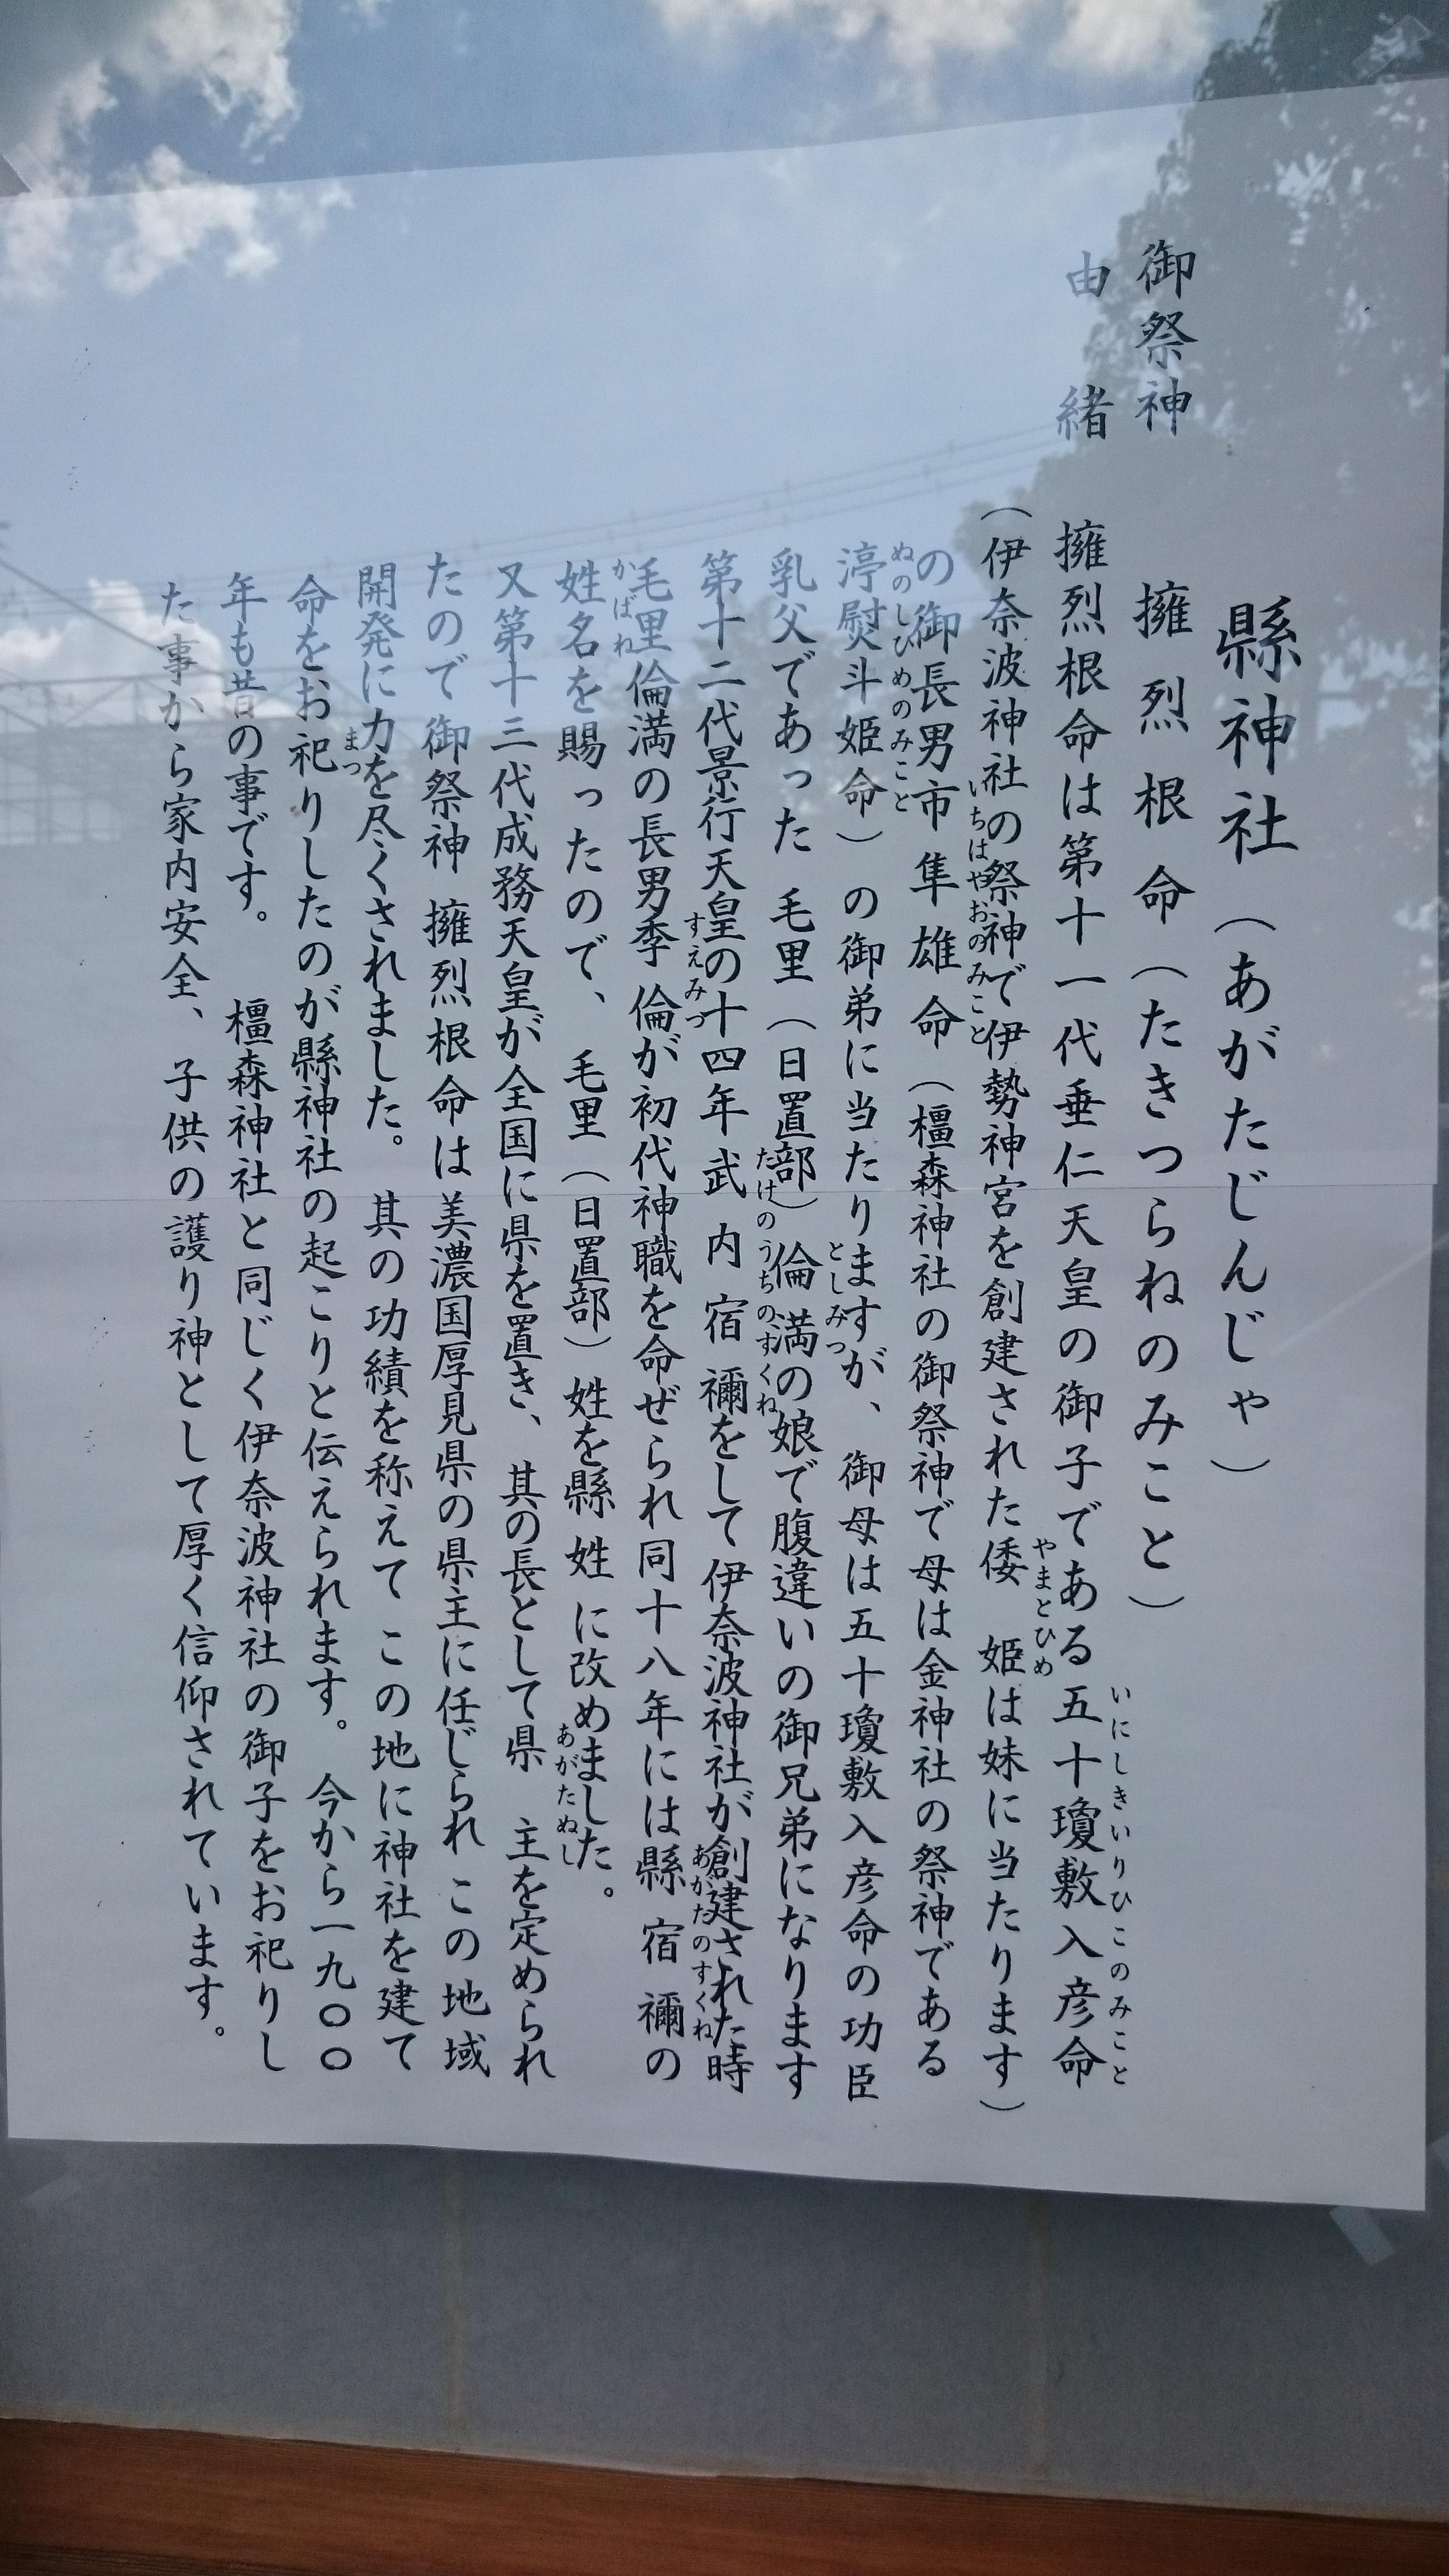 縣神社の歴史